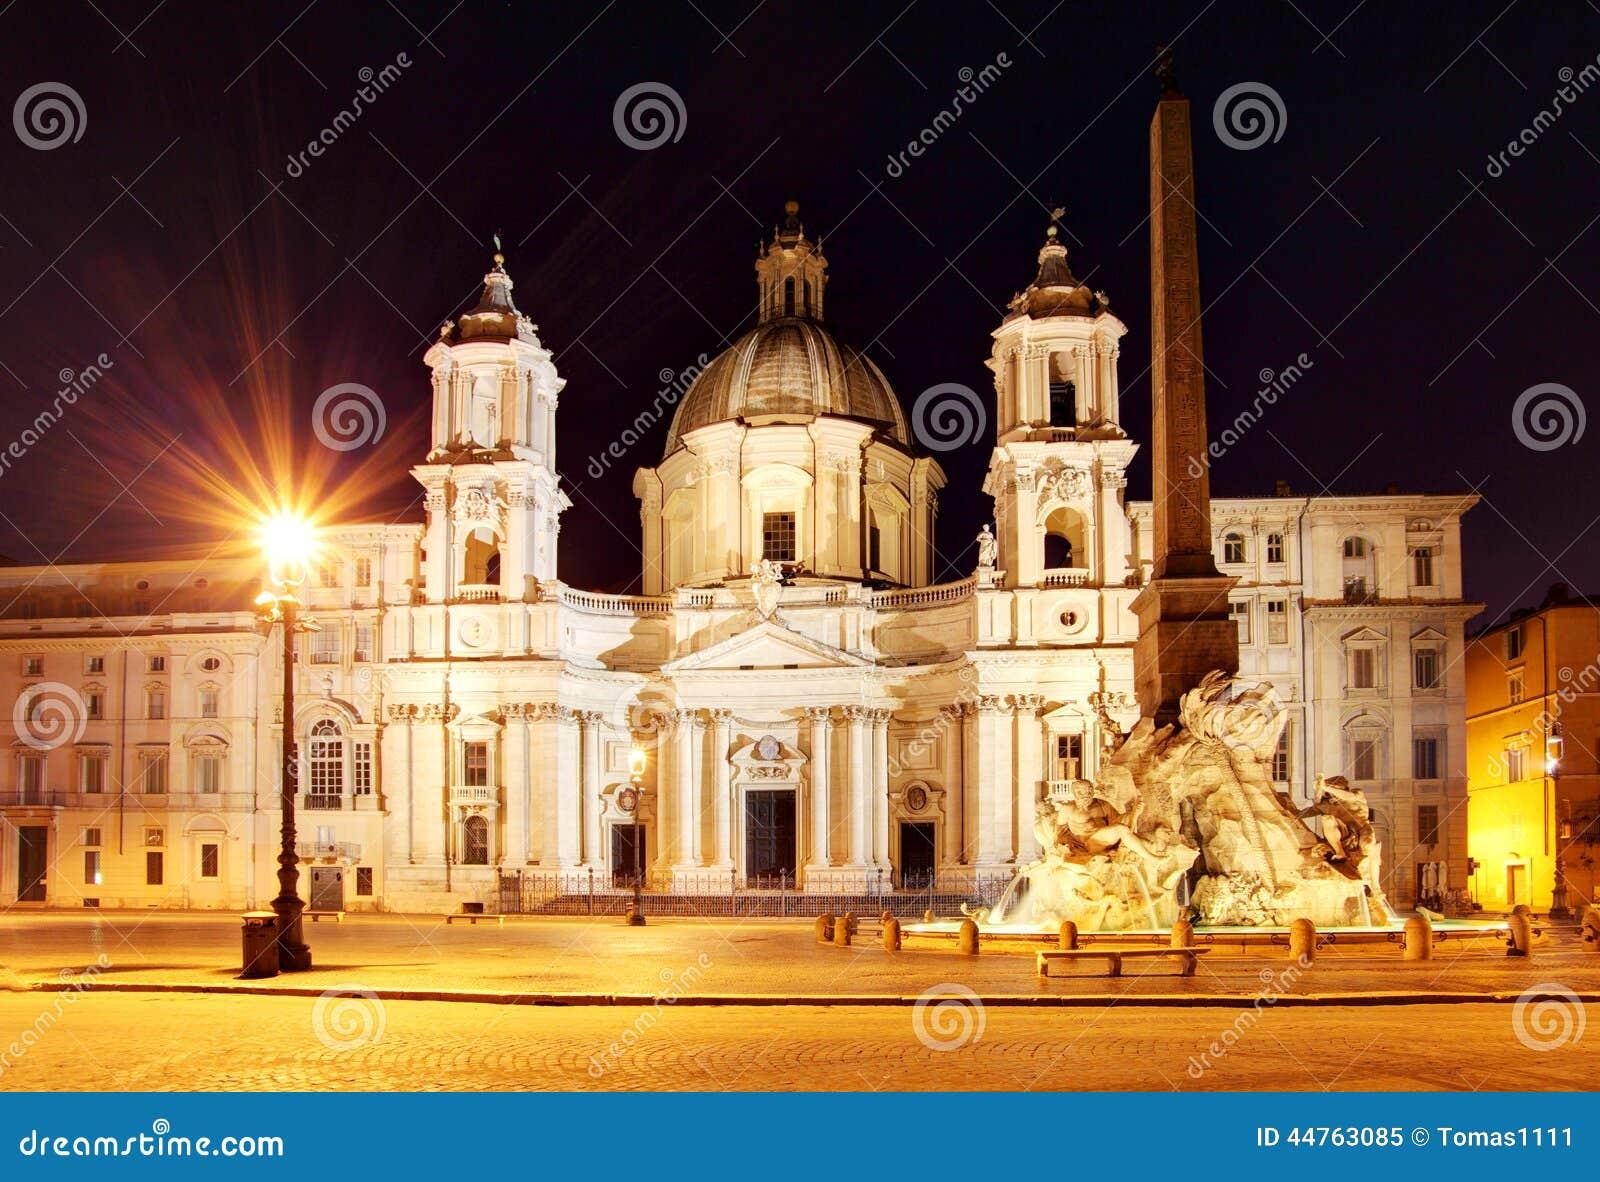 Piazza navona al crepuscolo belle vecchie finestre a roma italia immagine stock immagine - Finestre a roma ...